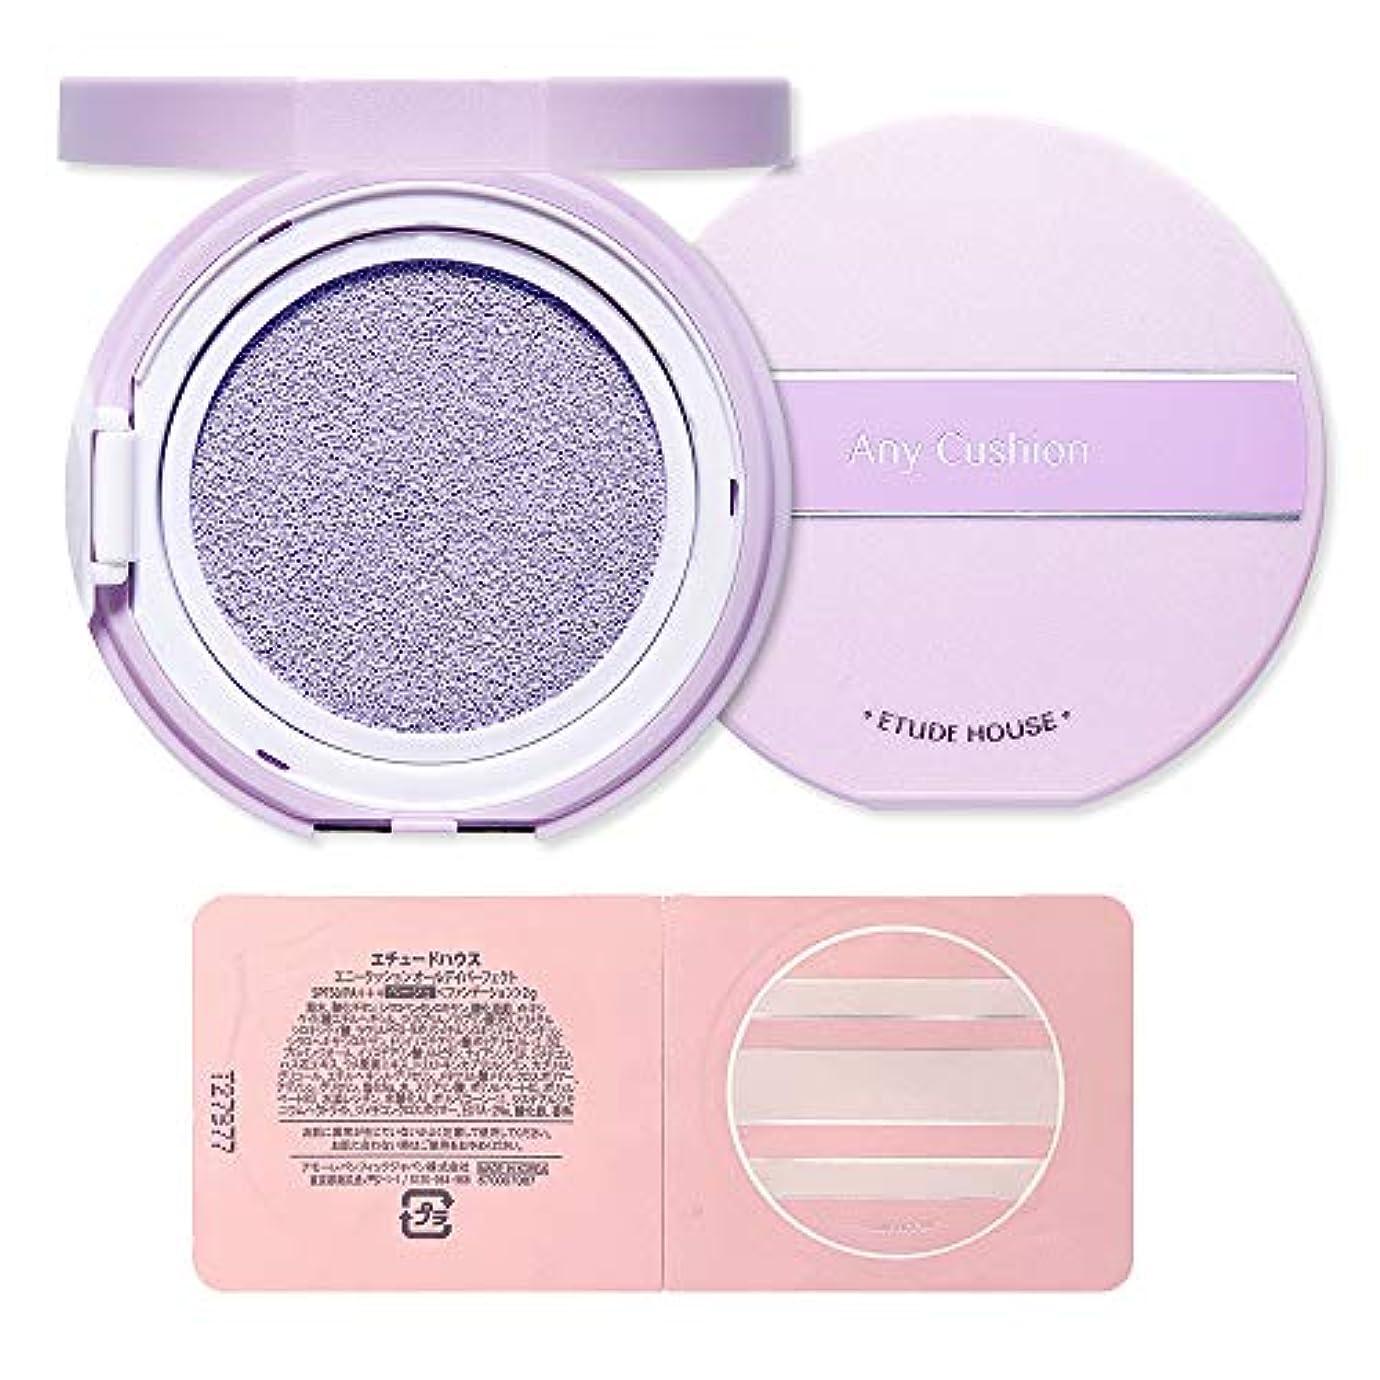 粒地理このエチュードハウス(ETUDE HOUSE) エニークッション カラーコレクター Lavender (ファンデーションサンプル付き) [ファンデ―ション 化粧下地]